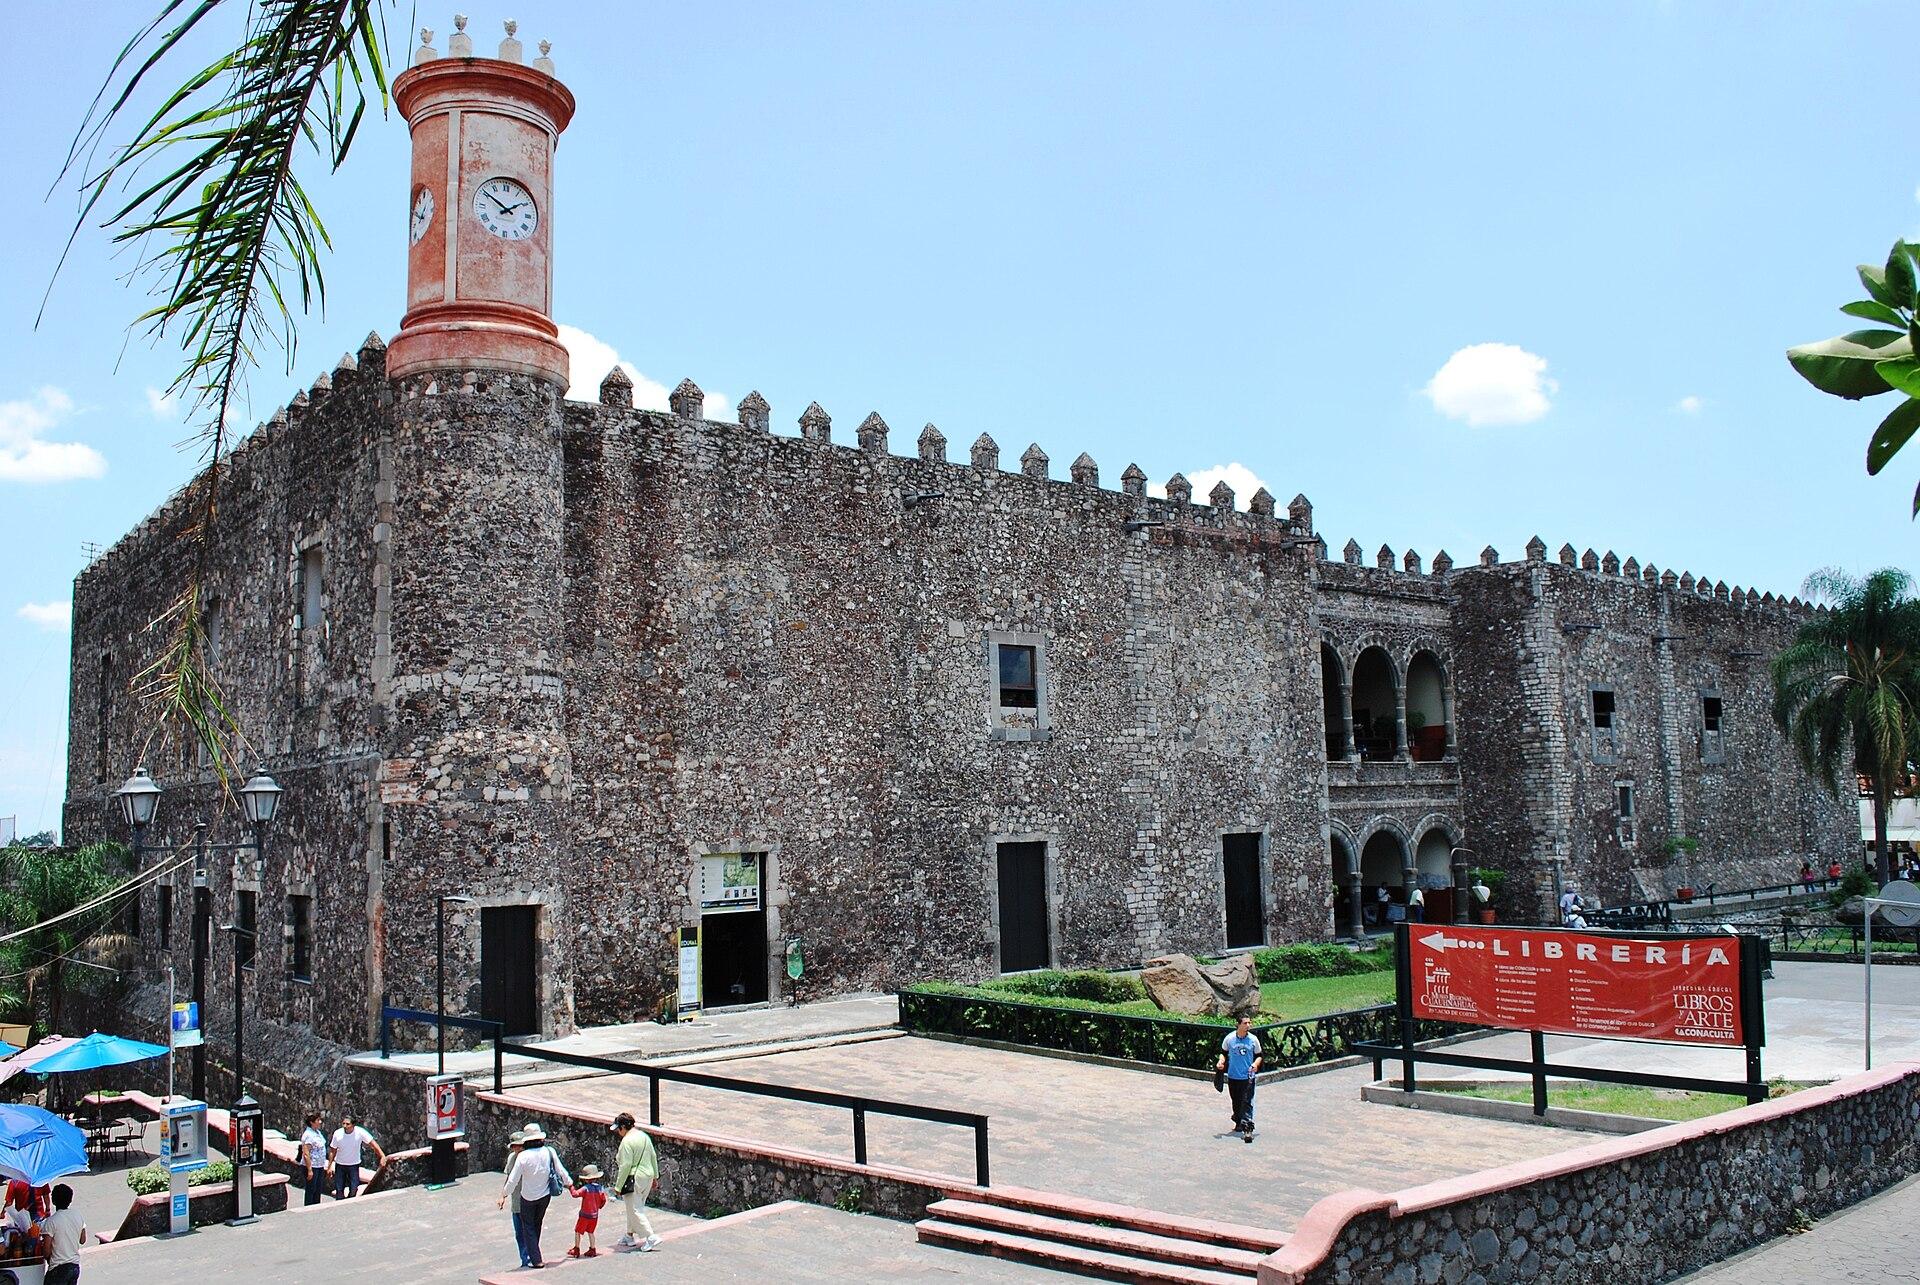 Vista exterior del Palacio de Cortés